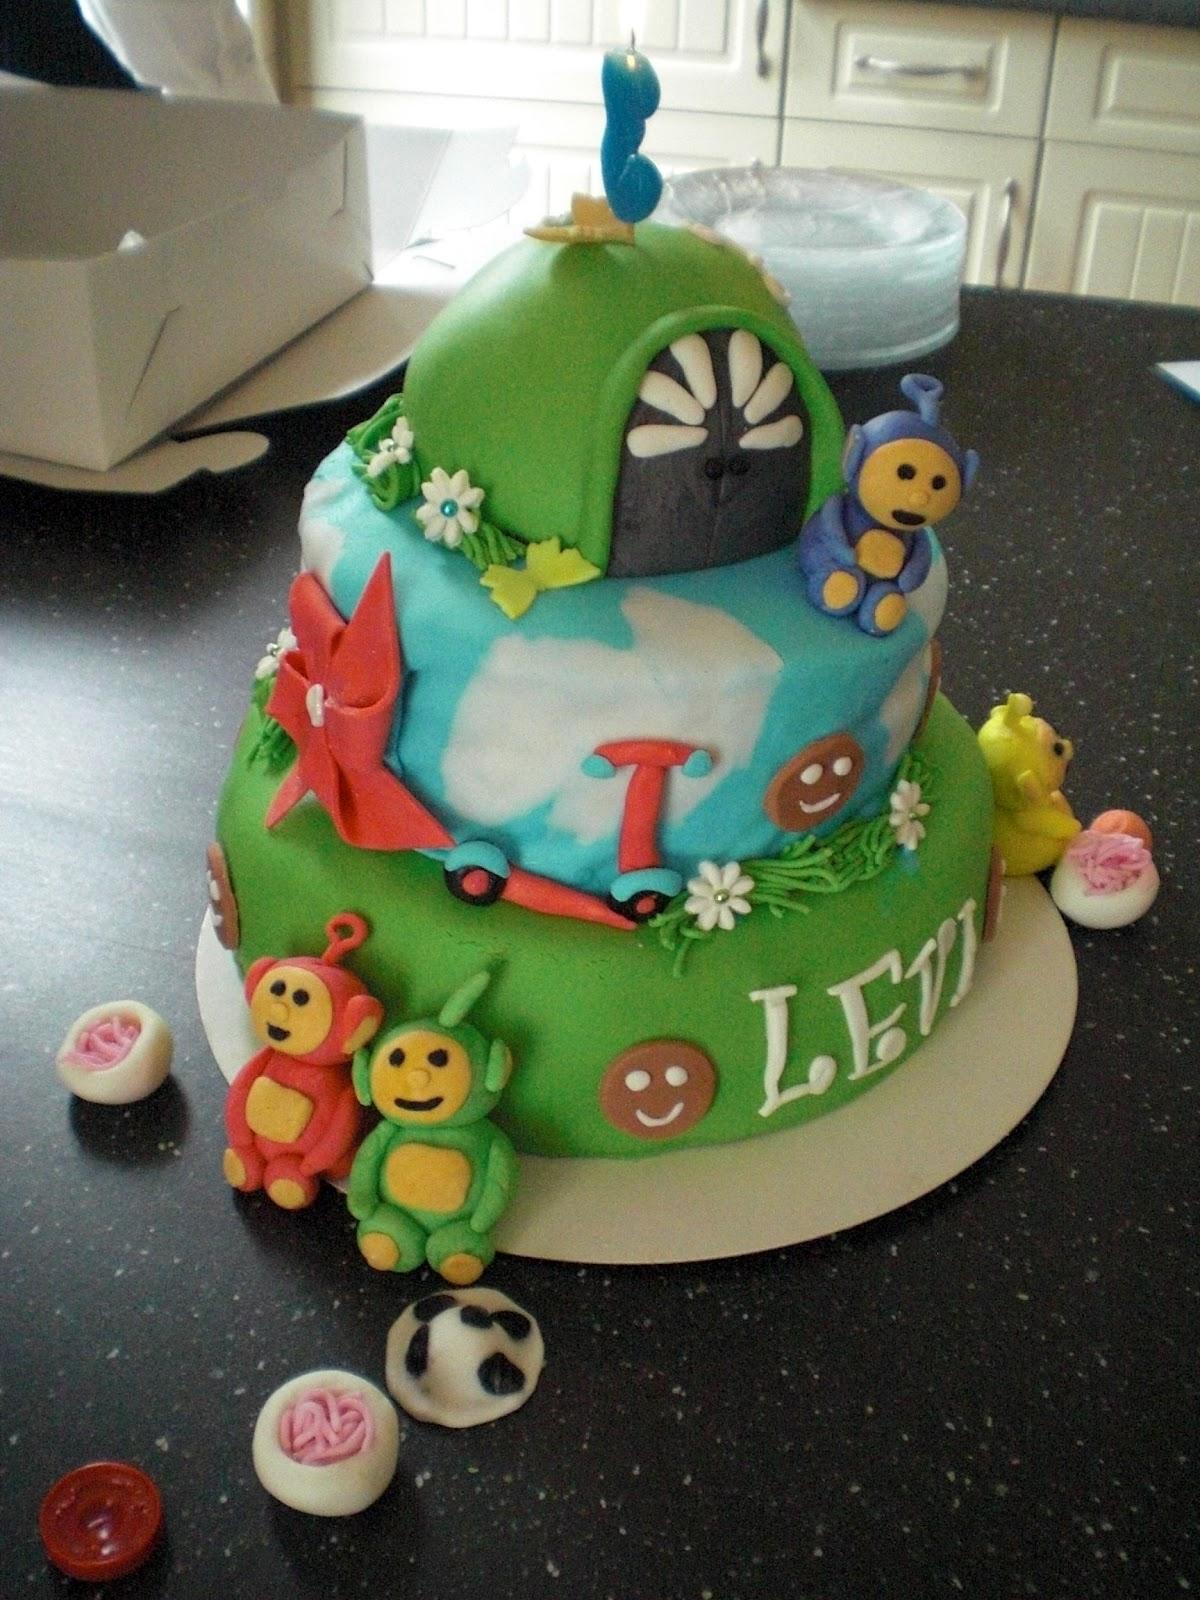 teletubbie taart maken wilma: Teletubbies taart gemaakt door mijn zus teletubbie taart maken